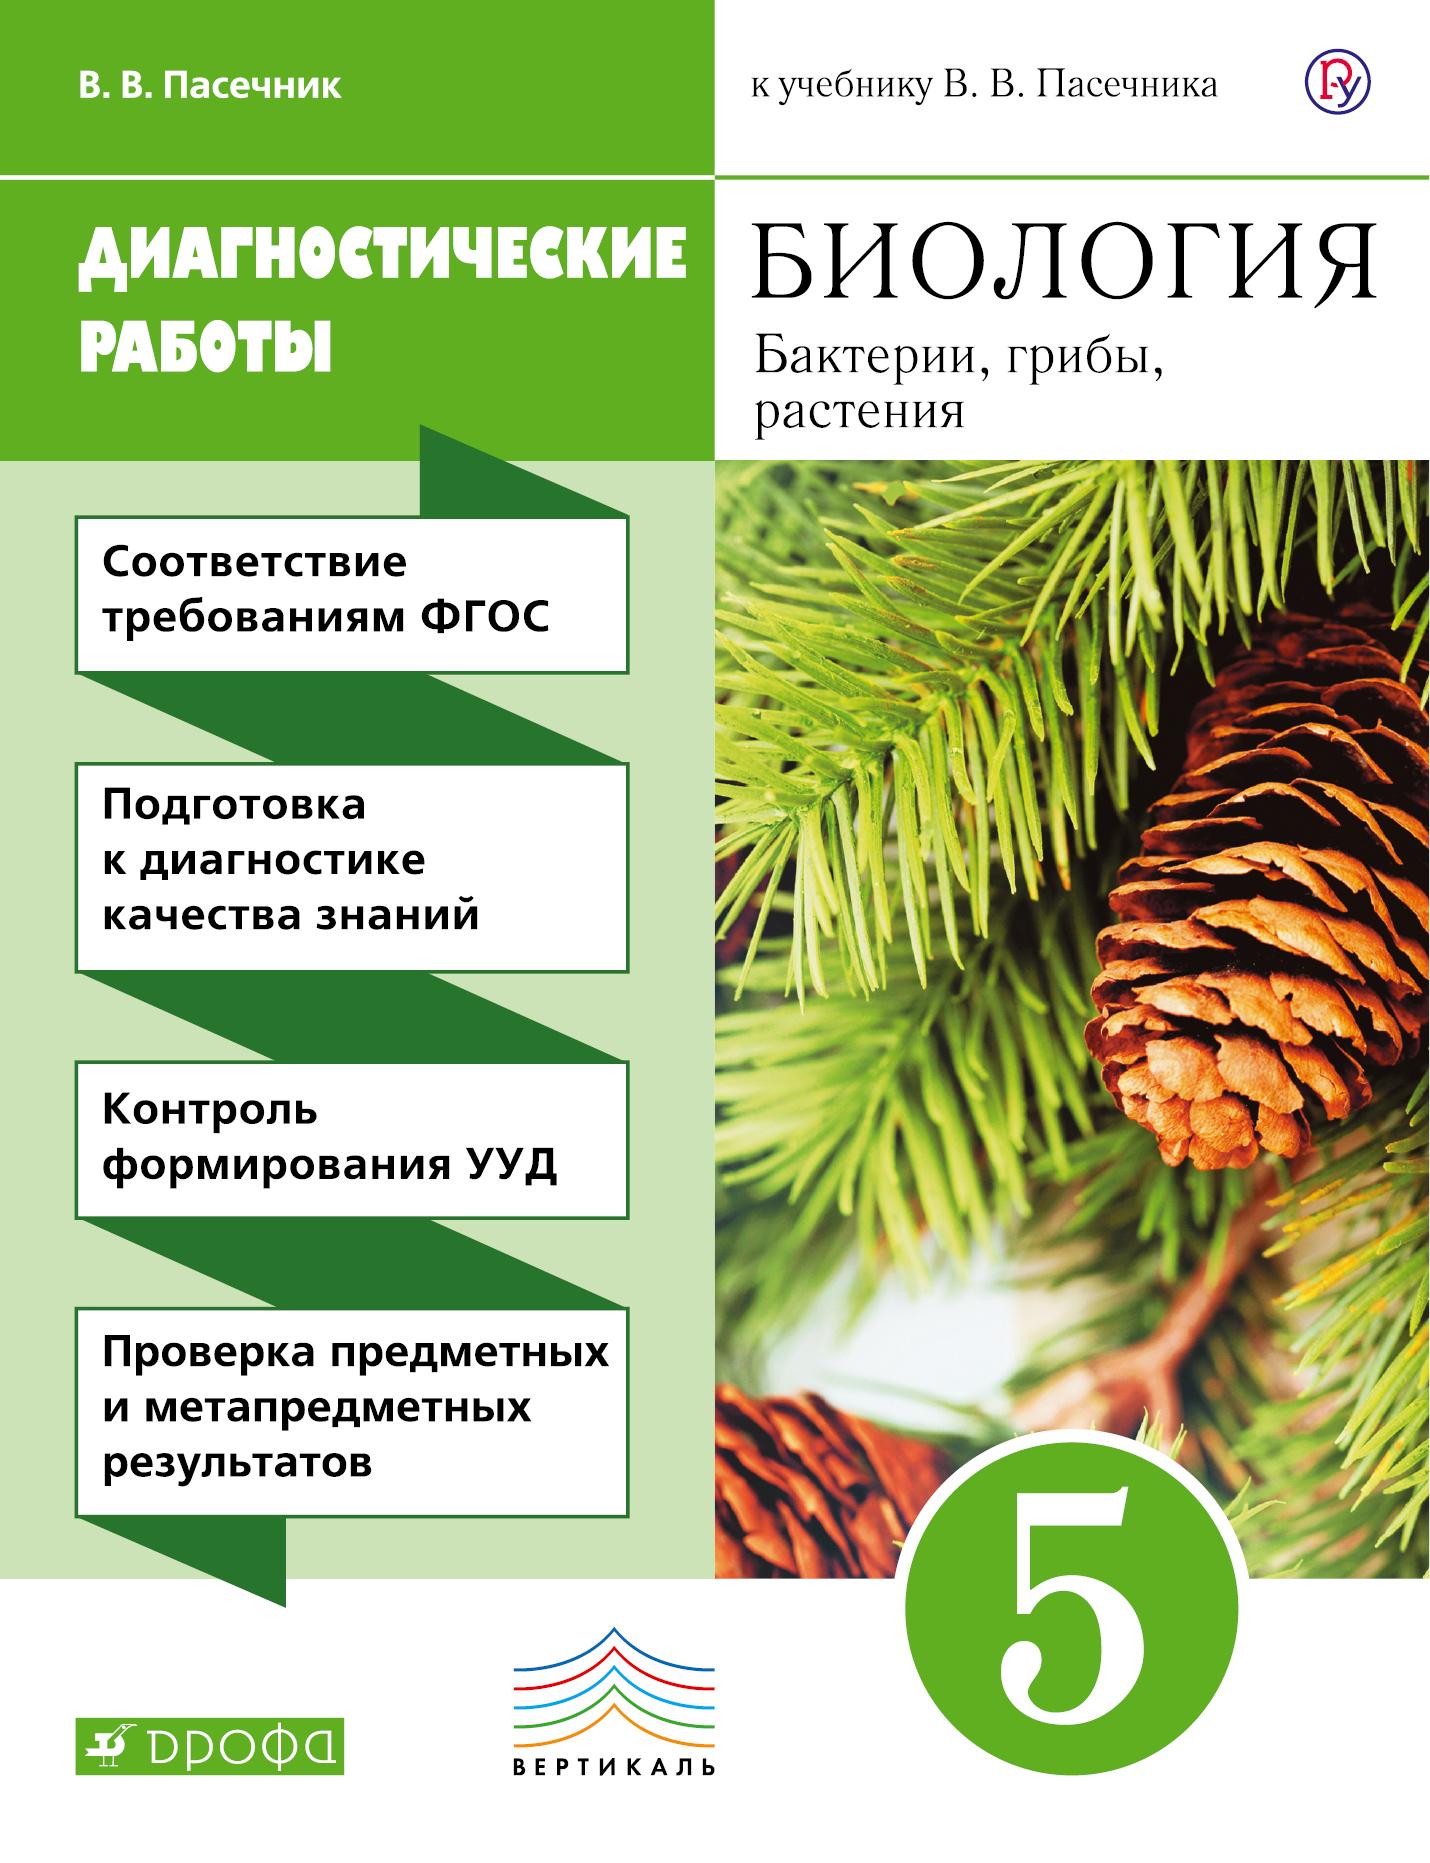 Пасечник В.В. Биология. 5 класс. Бактерии, грибы, растения. Диагностические работы